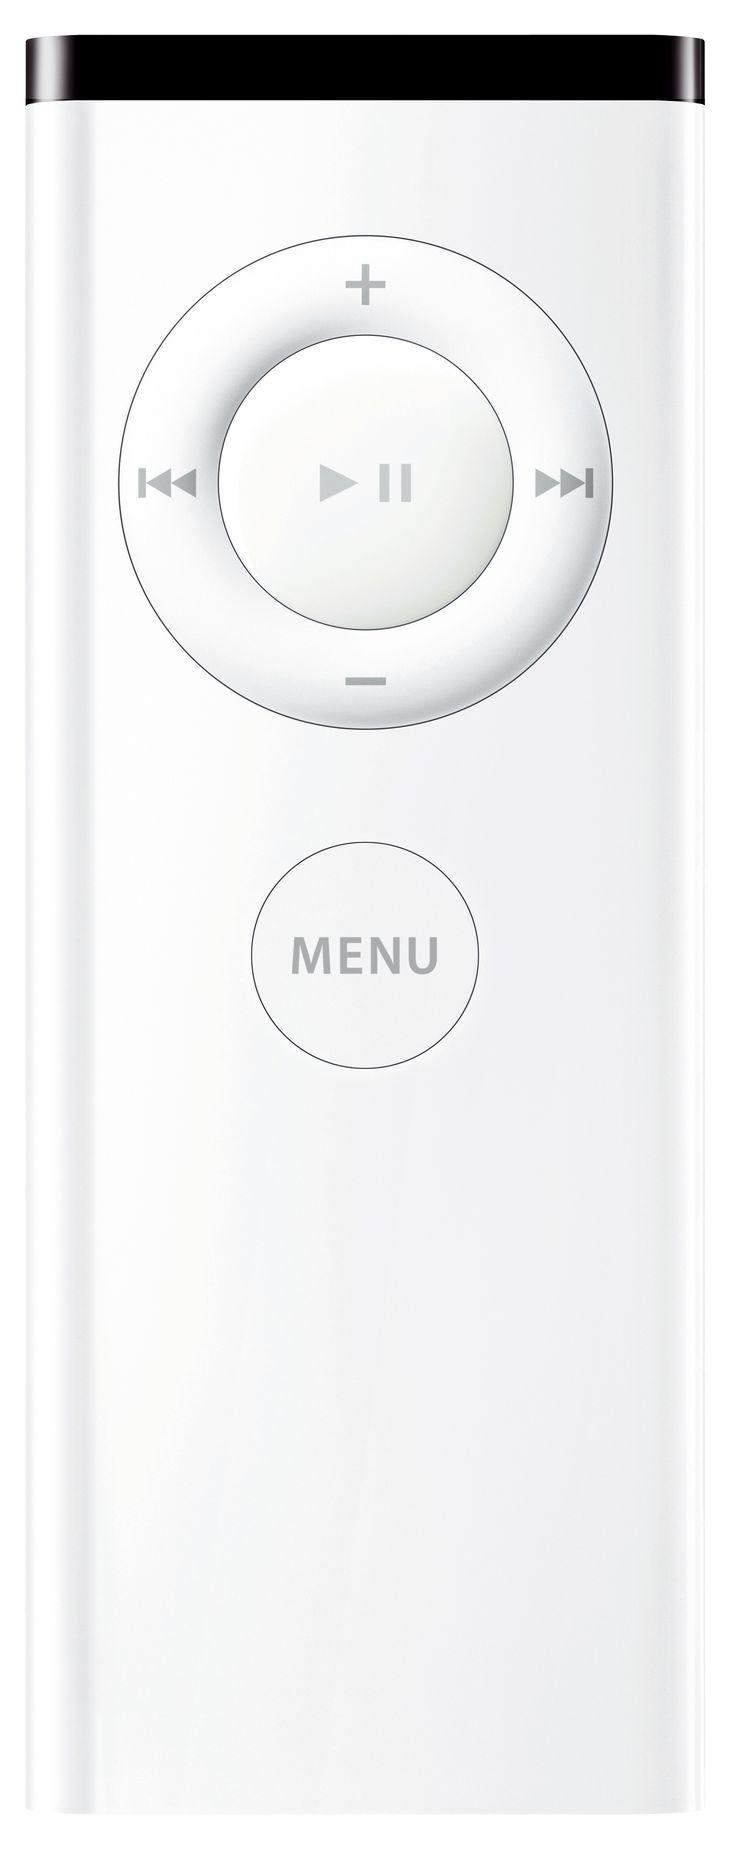 Apple remote control